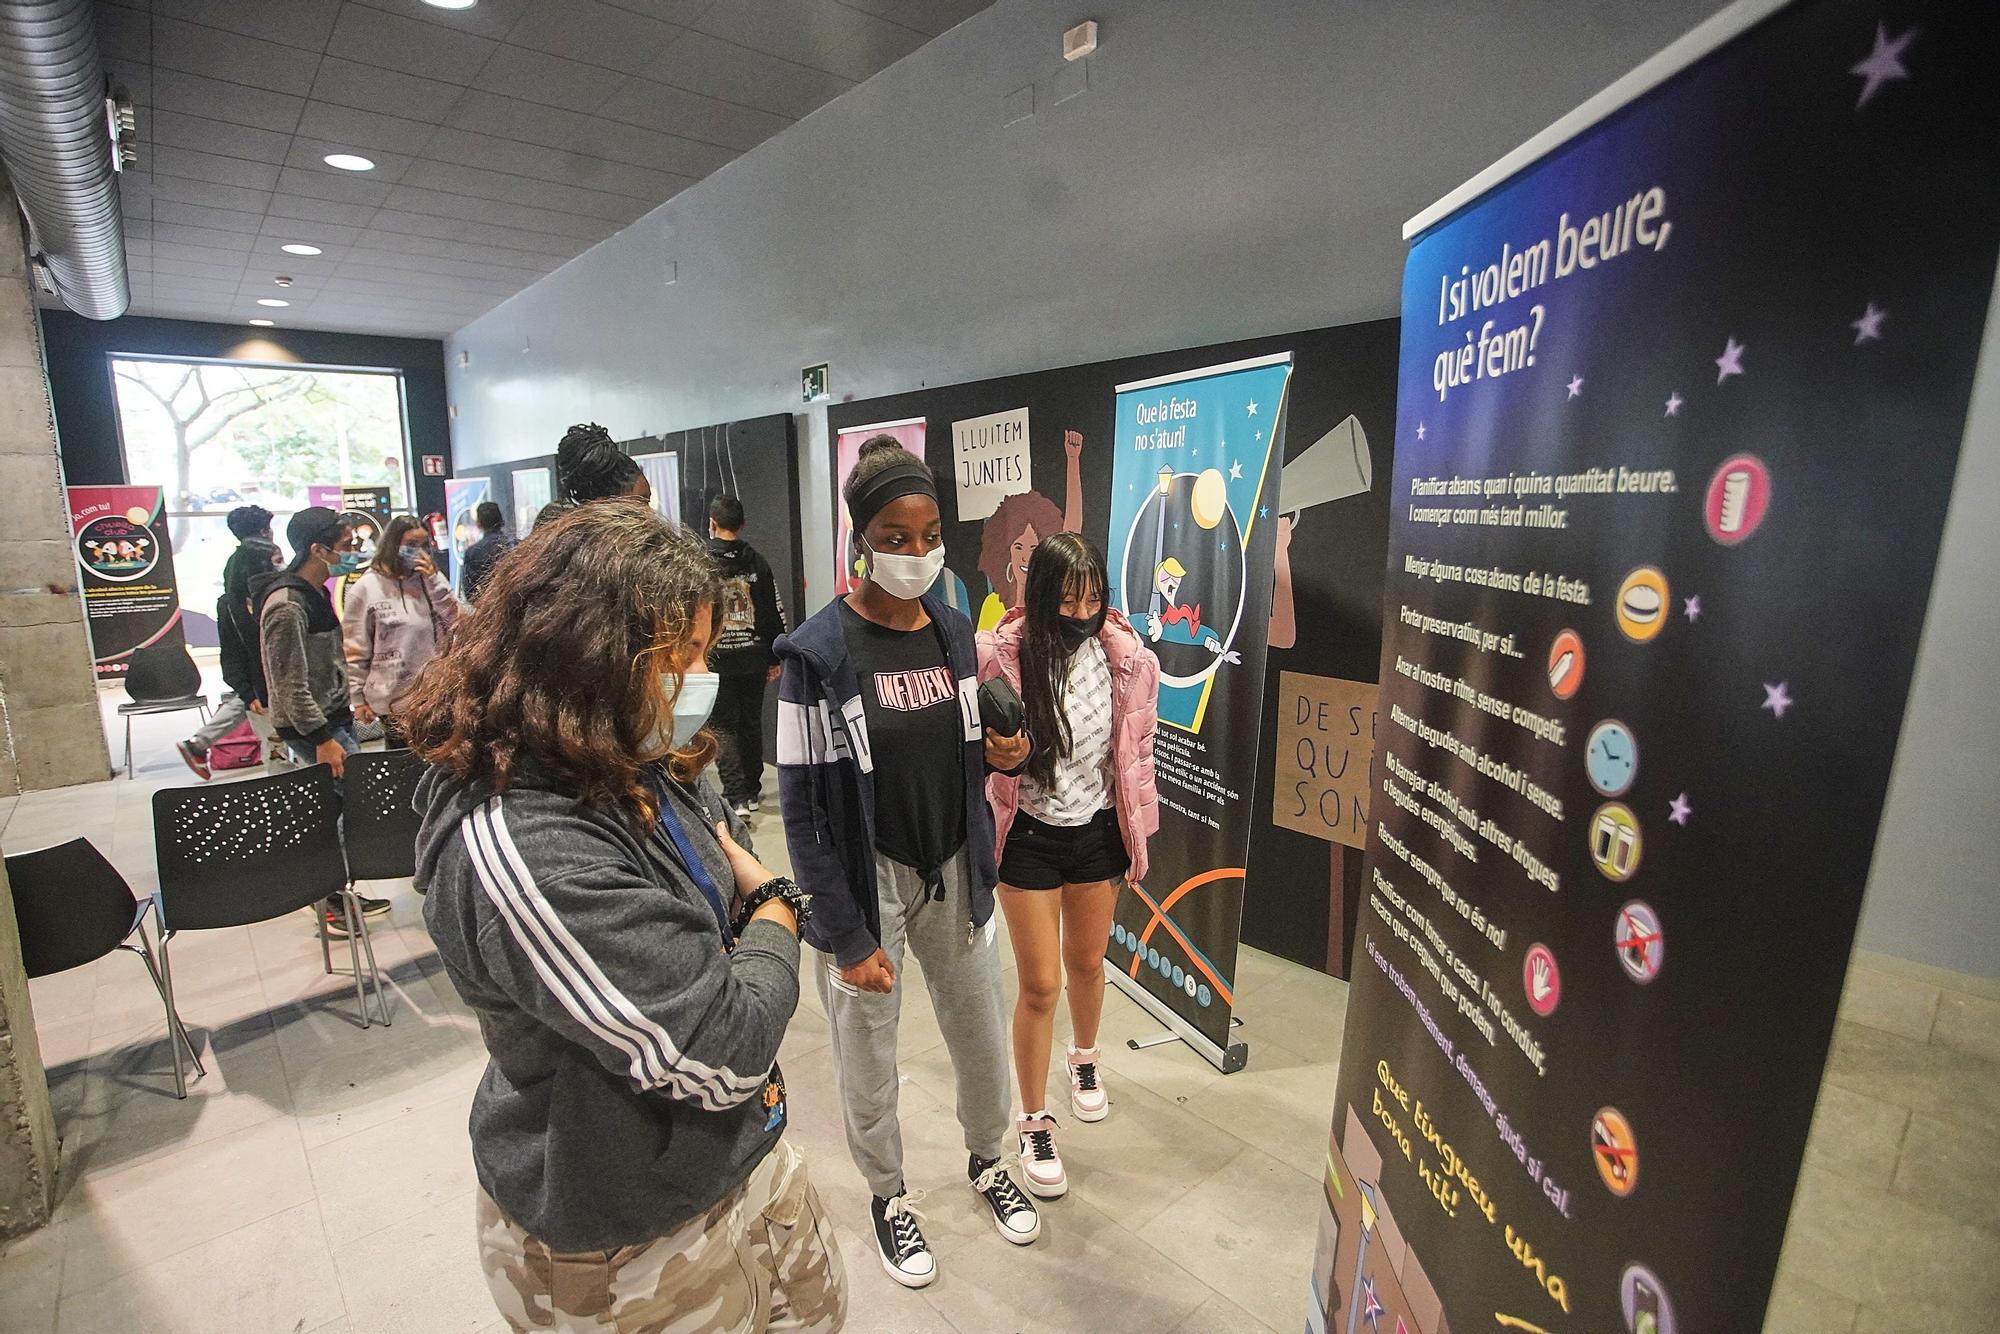 L'Ajuntament de Girona treballa en la prevenció del consum d'alcohol entre les persones joves amb l'exposició «Sortim?»